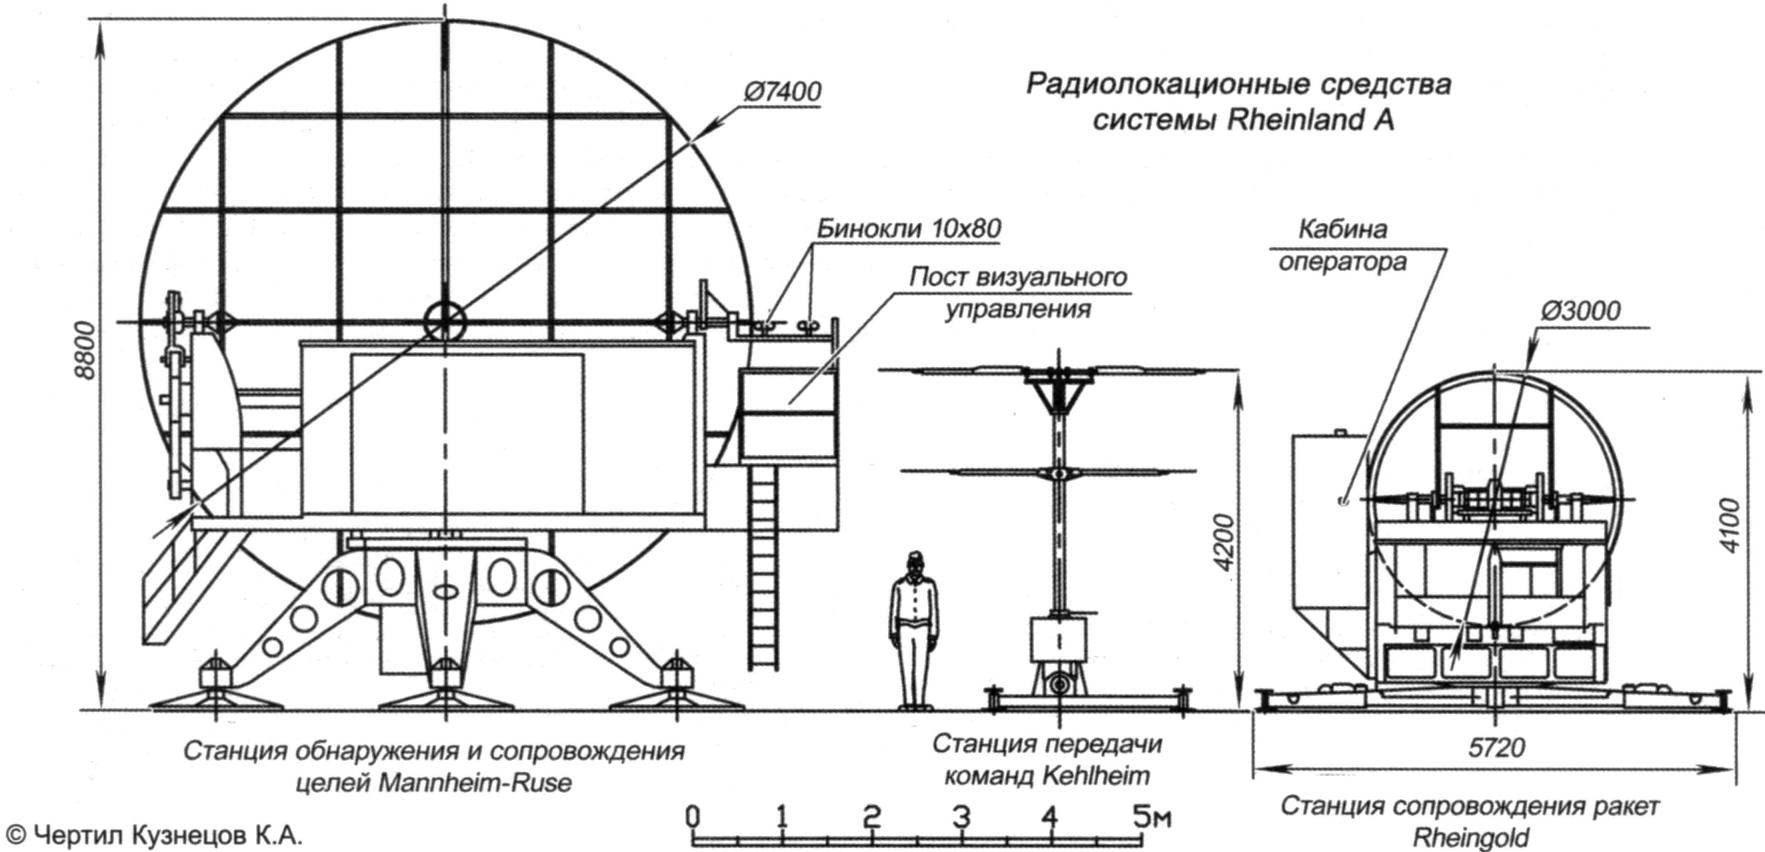 Радиолокационные средства системы Rheinland А